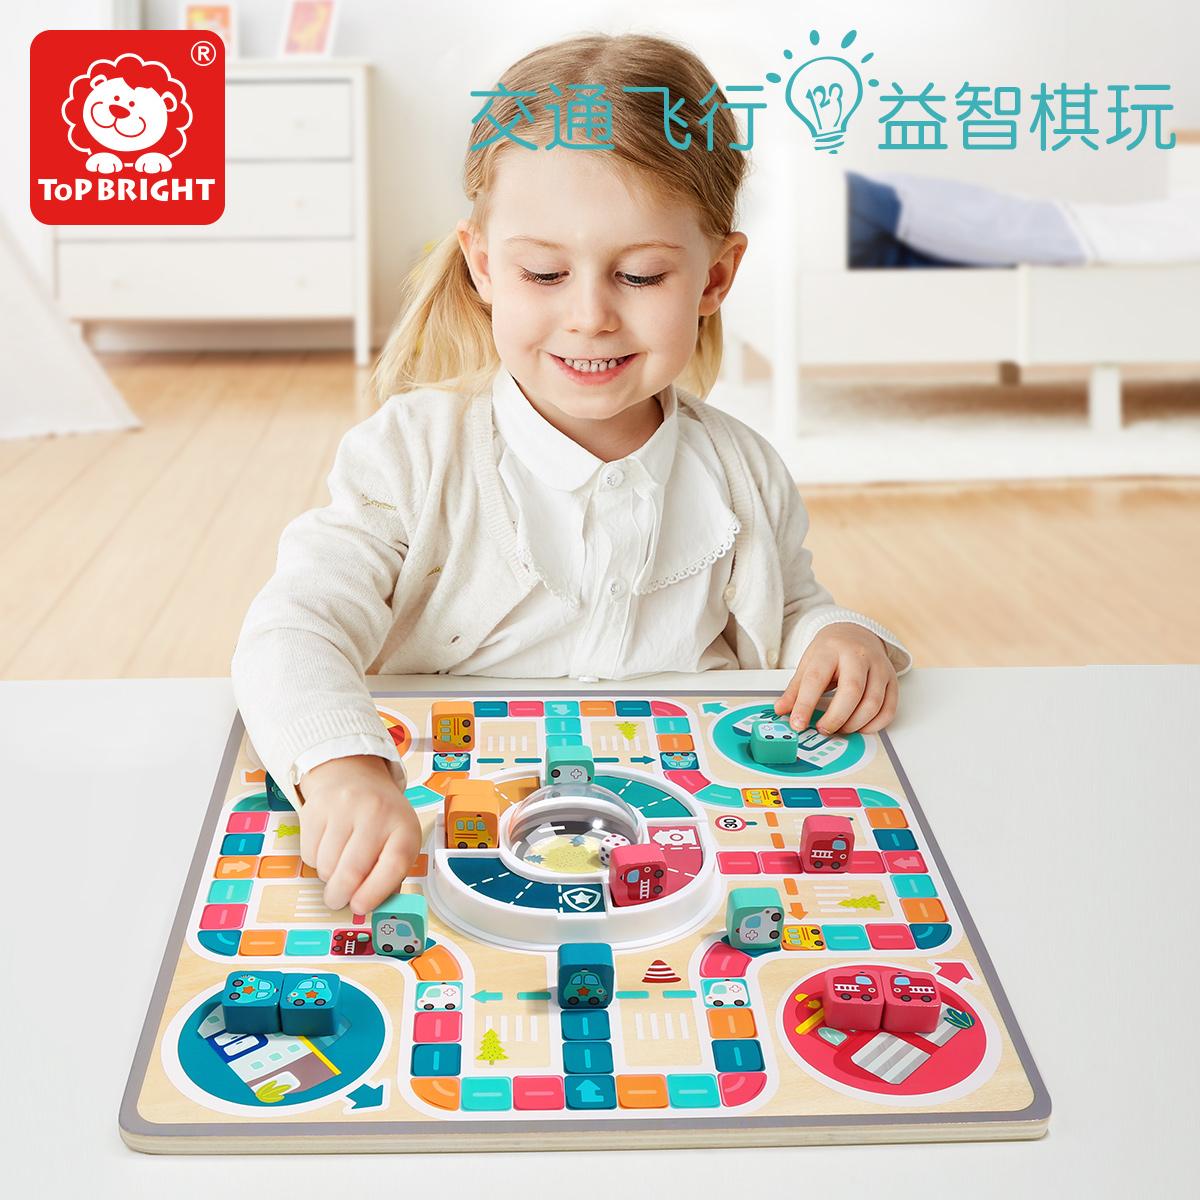 特宝儿飞行棋多功能游戏棋类棋盘儿童桌游亲子互动玩具益智跳跳棋